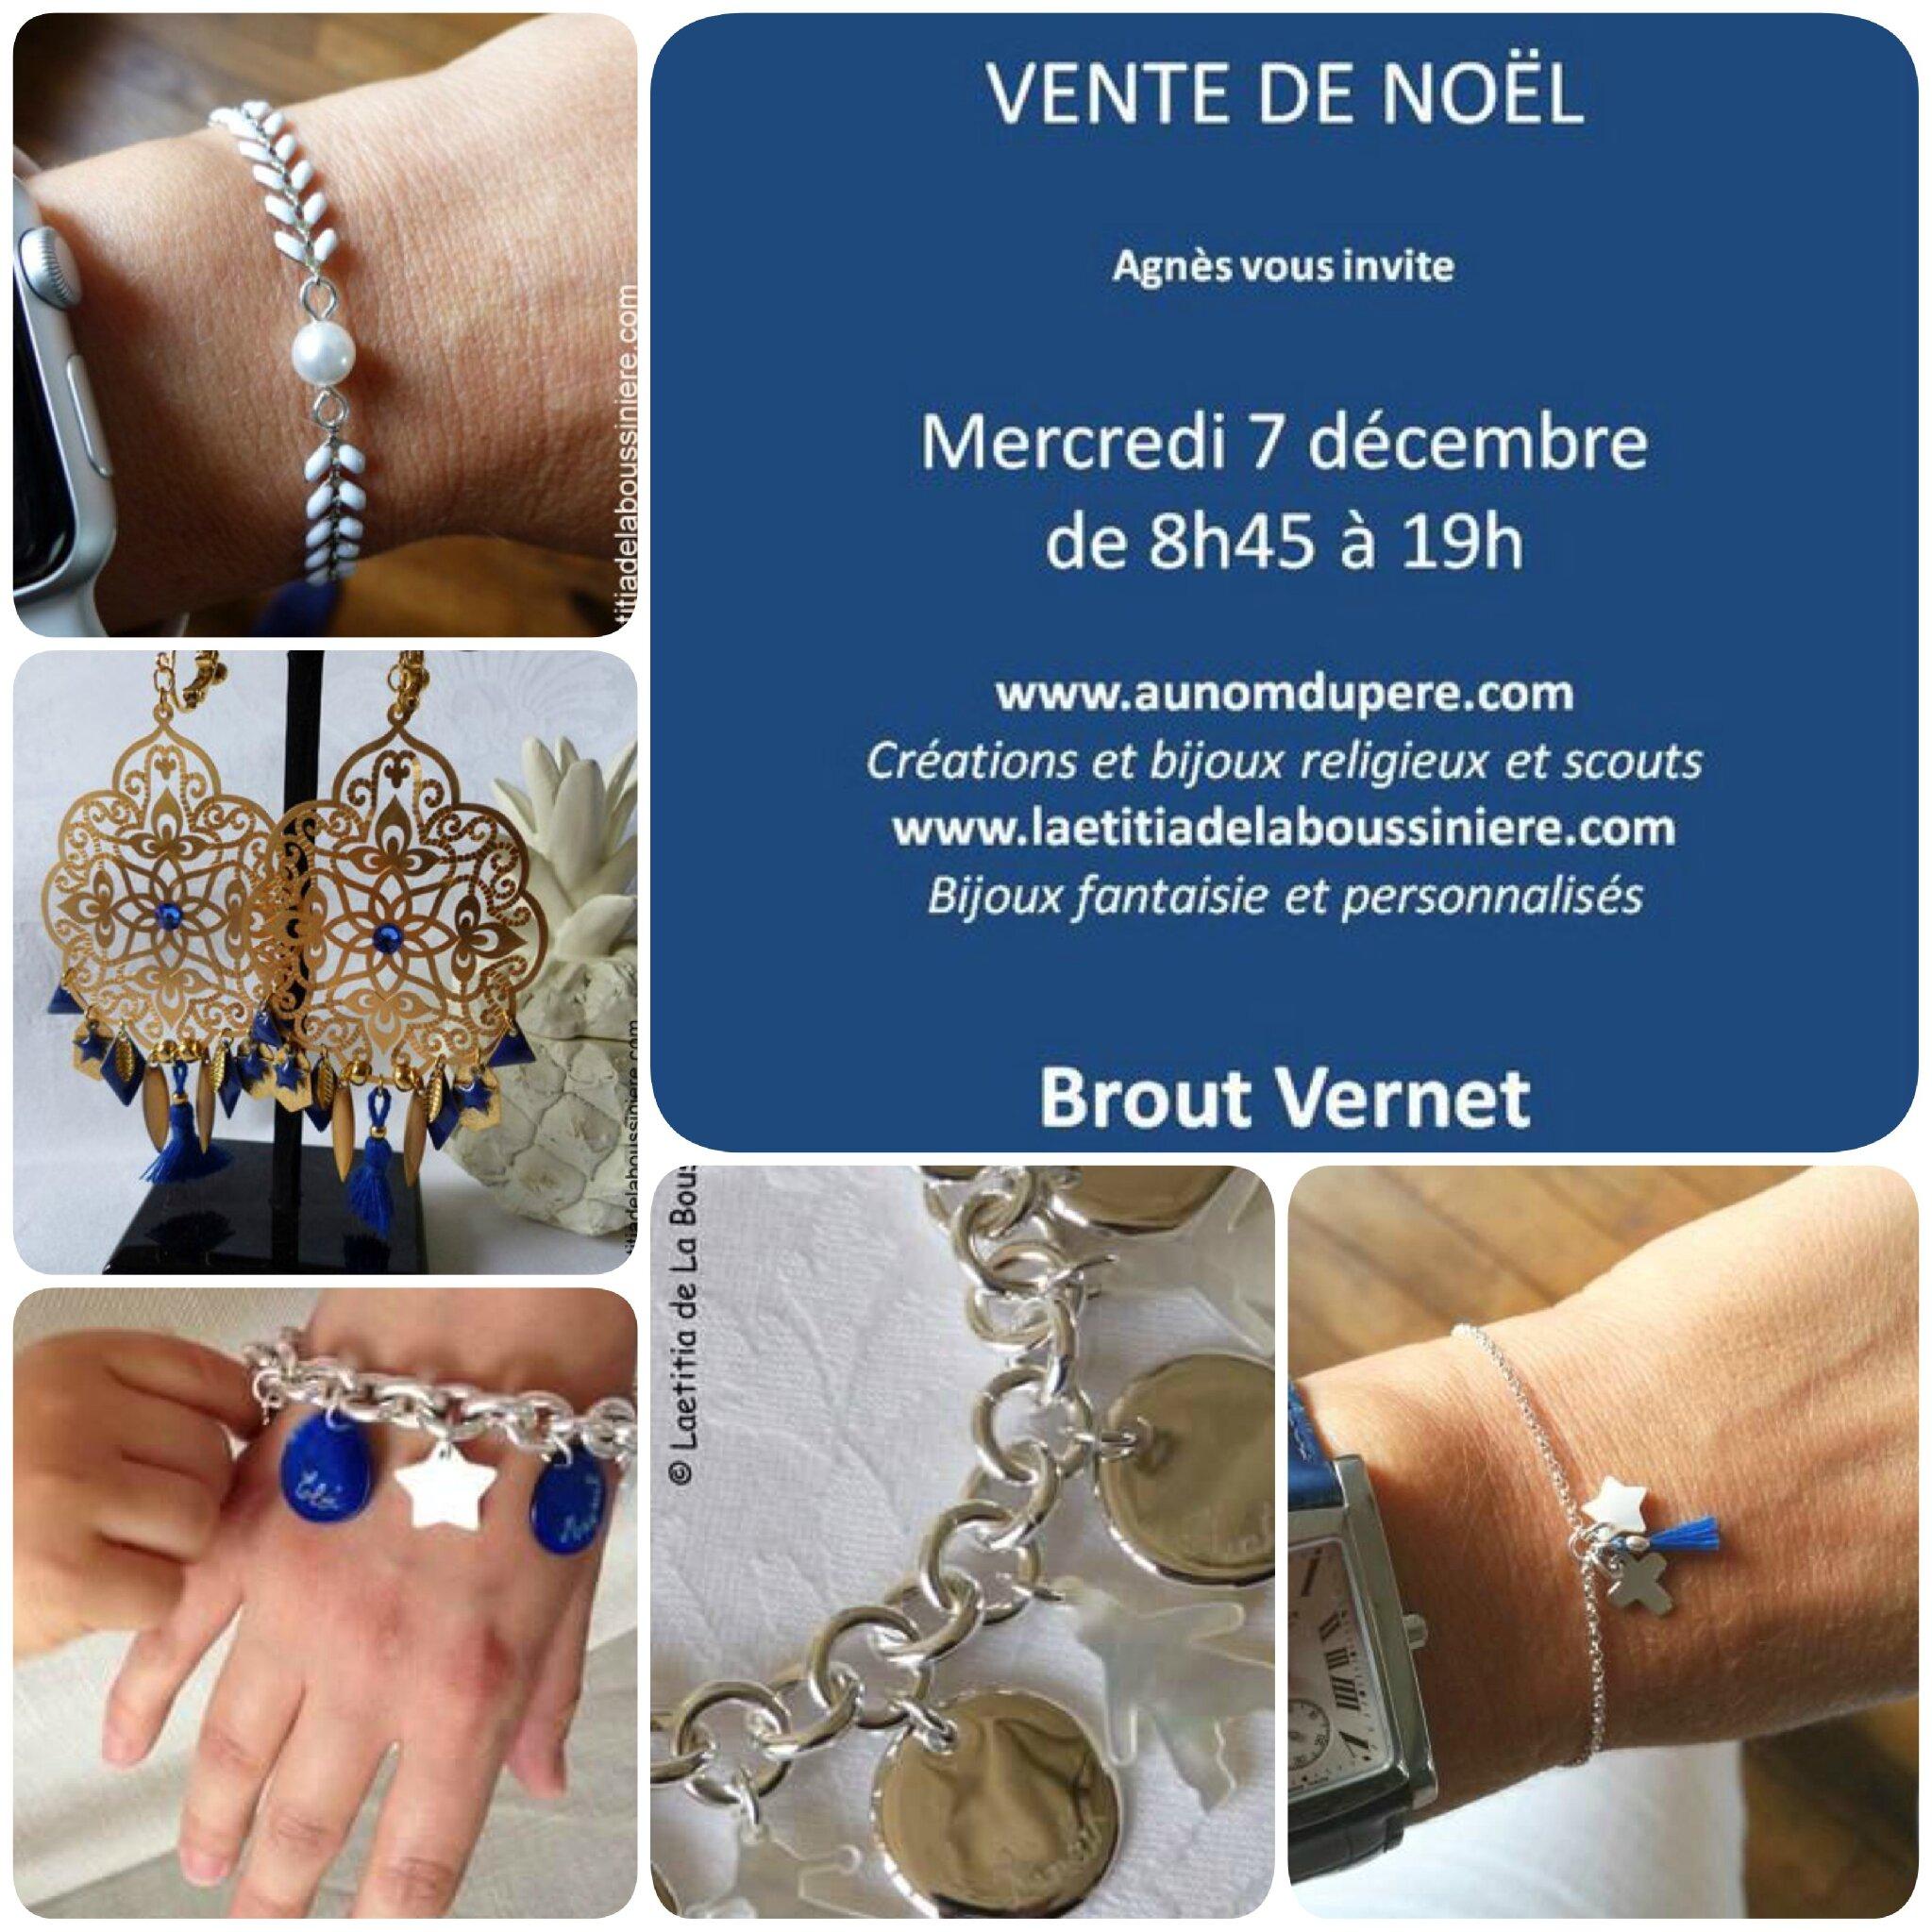 Invitation pour la vente à Brout Vernet (sans adresse)-001